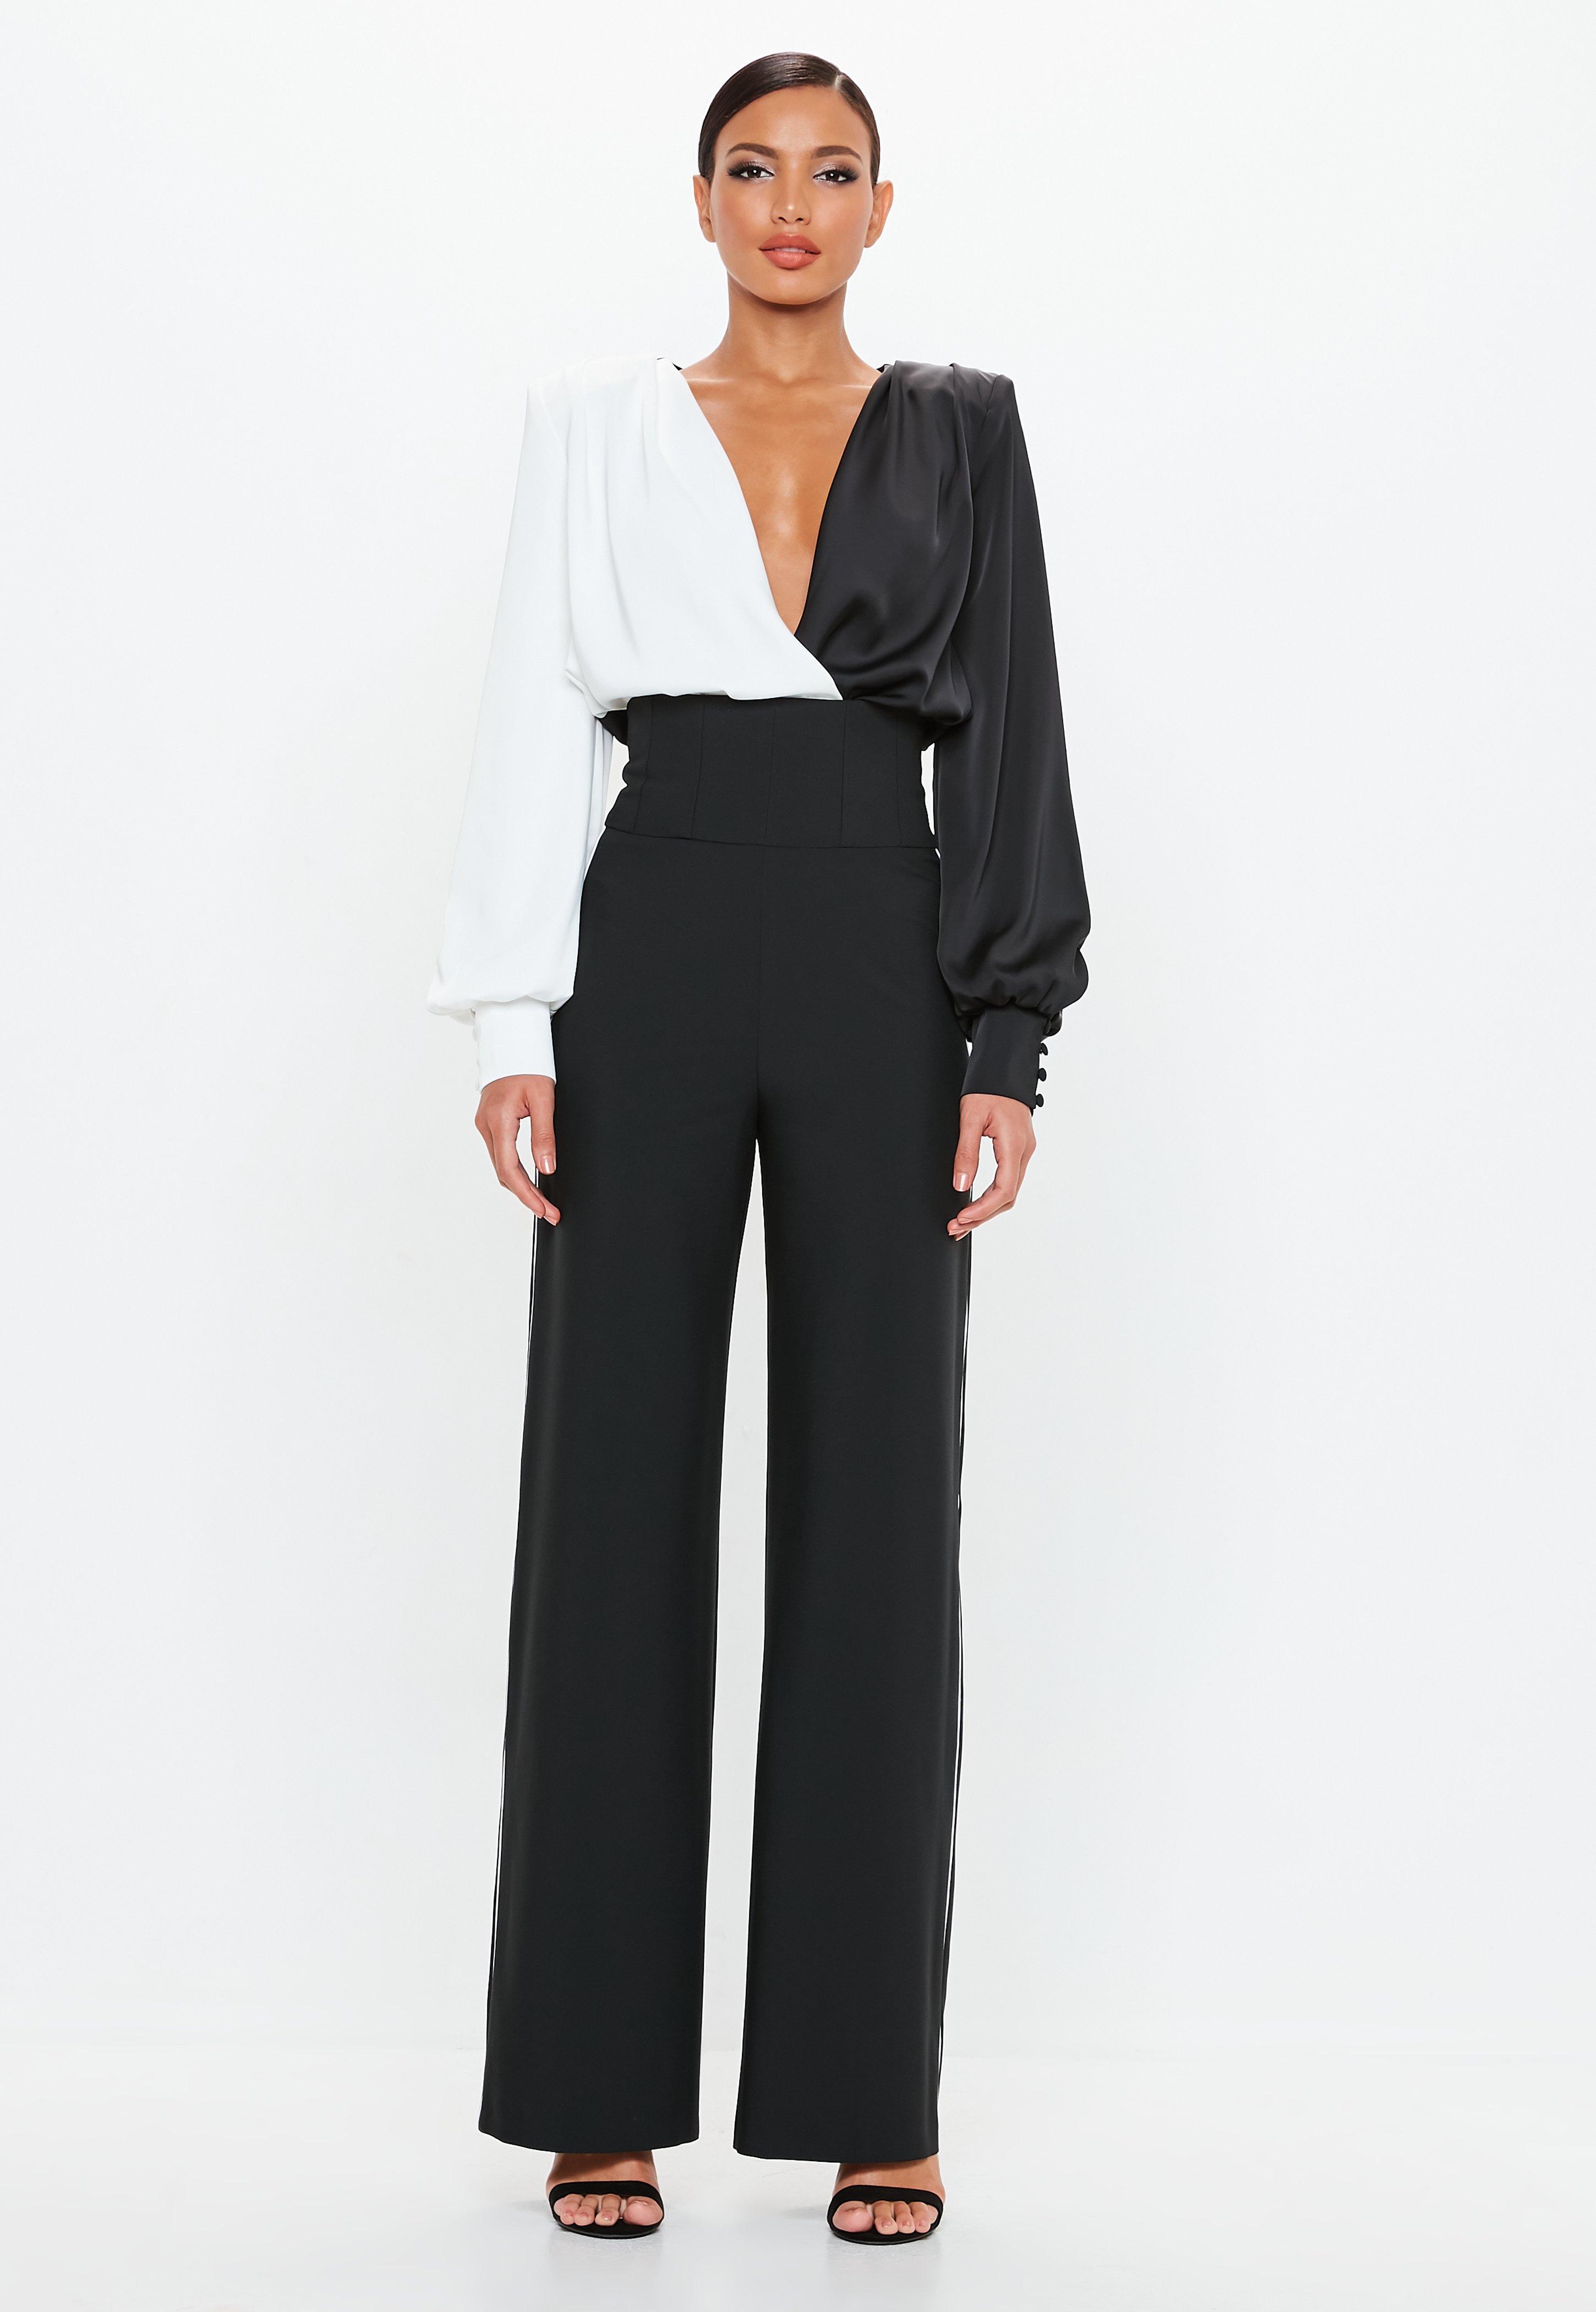 3b39ab9f7ce0 Pantalon taille haute pour femme - Missguided